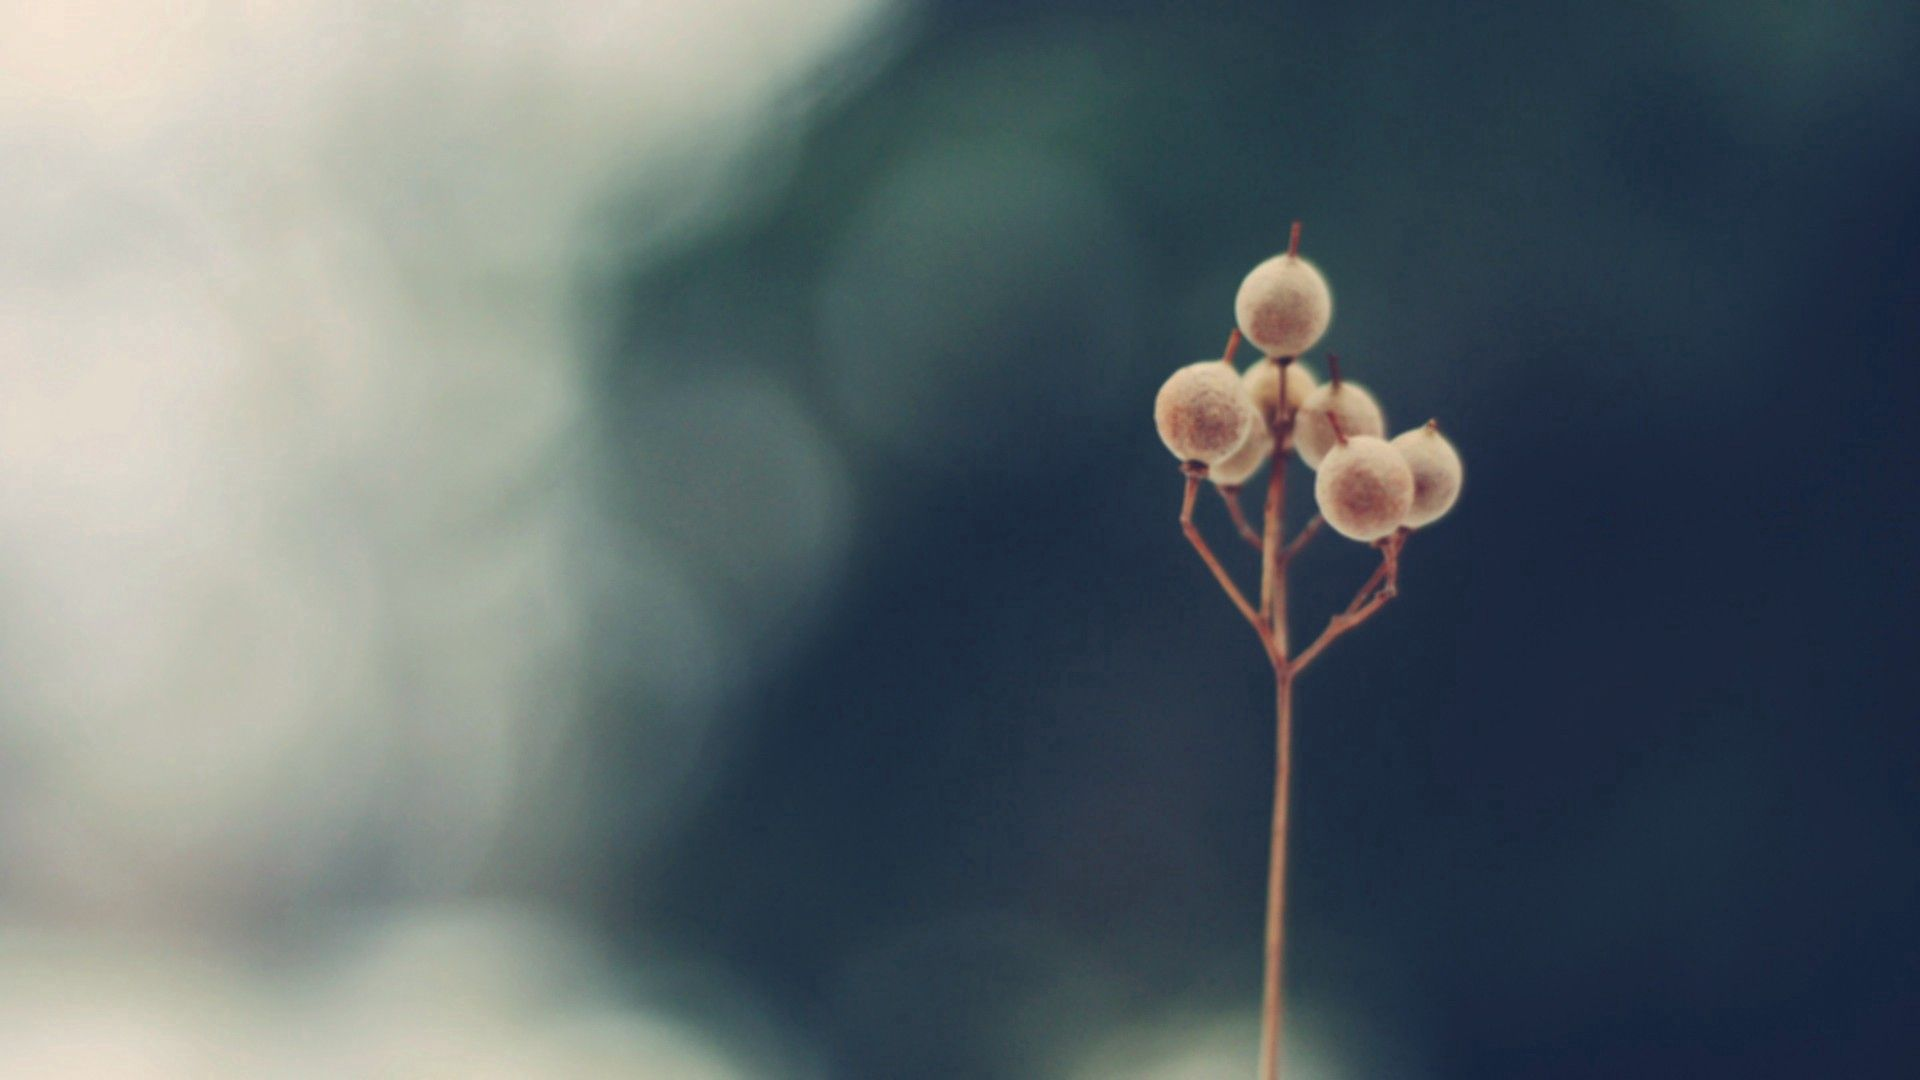 155315 скачать обои Макро, Растение, Стебель, Сухой, Фон - заставки и картинки бесплатно